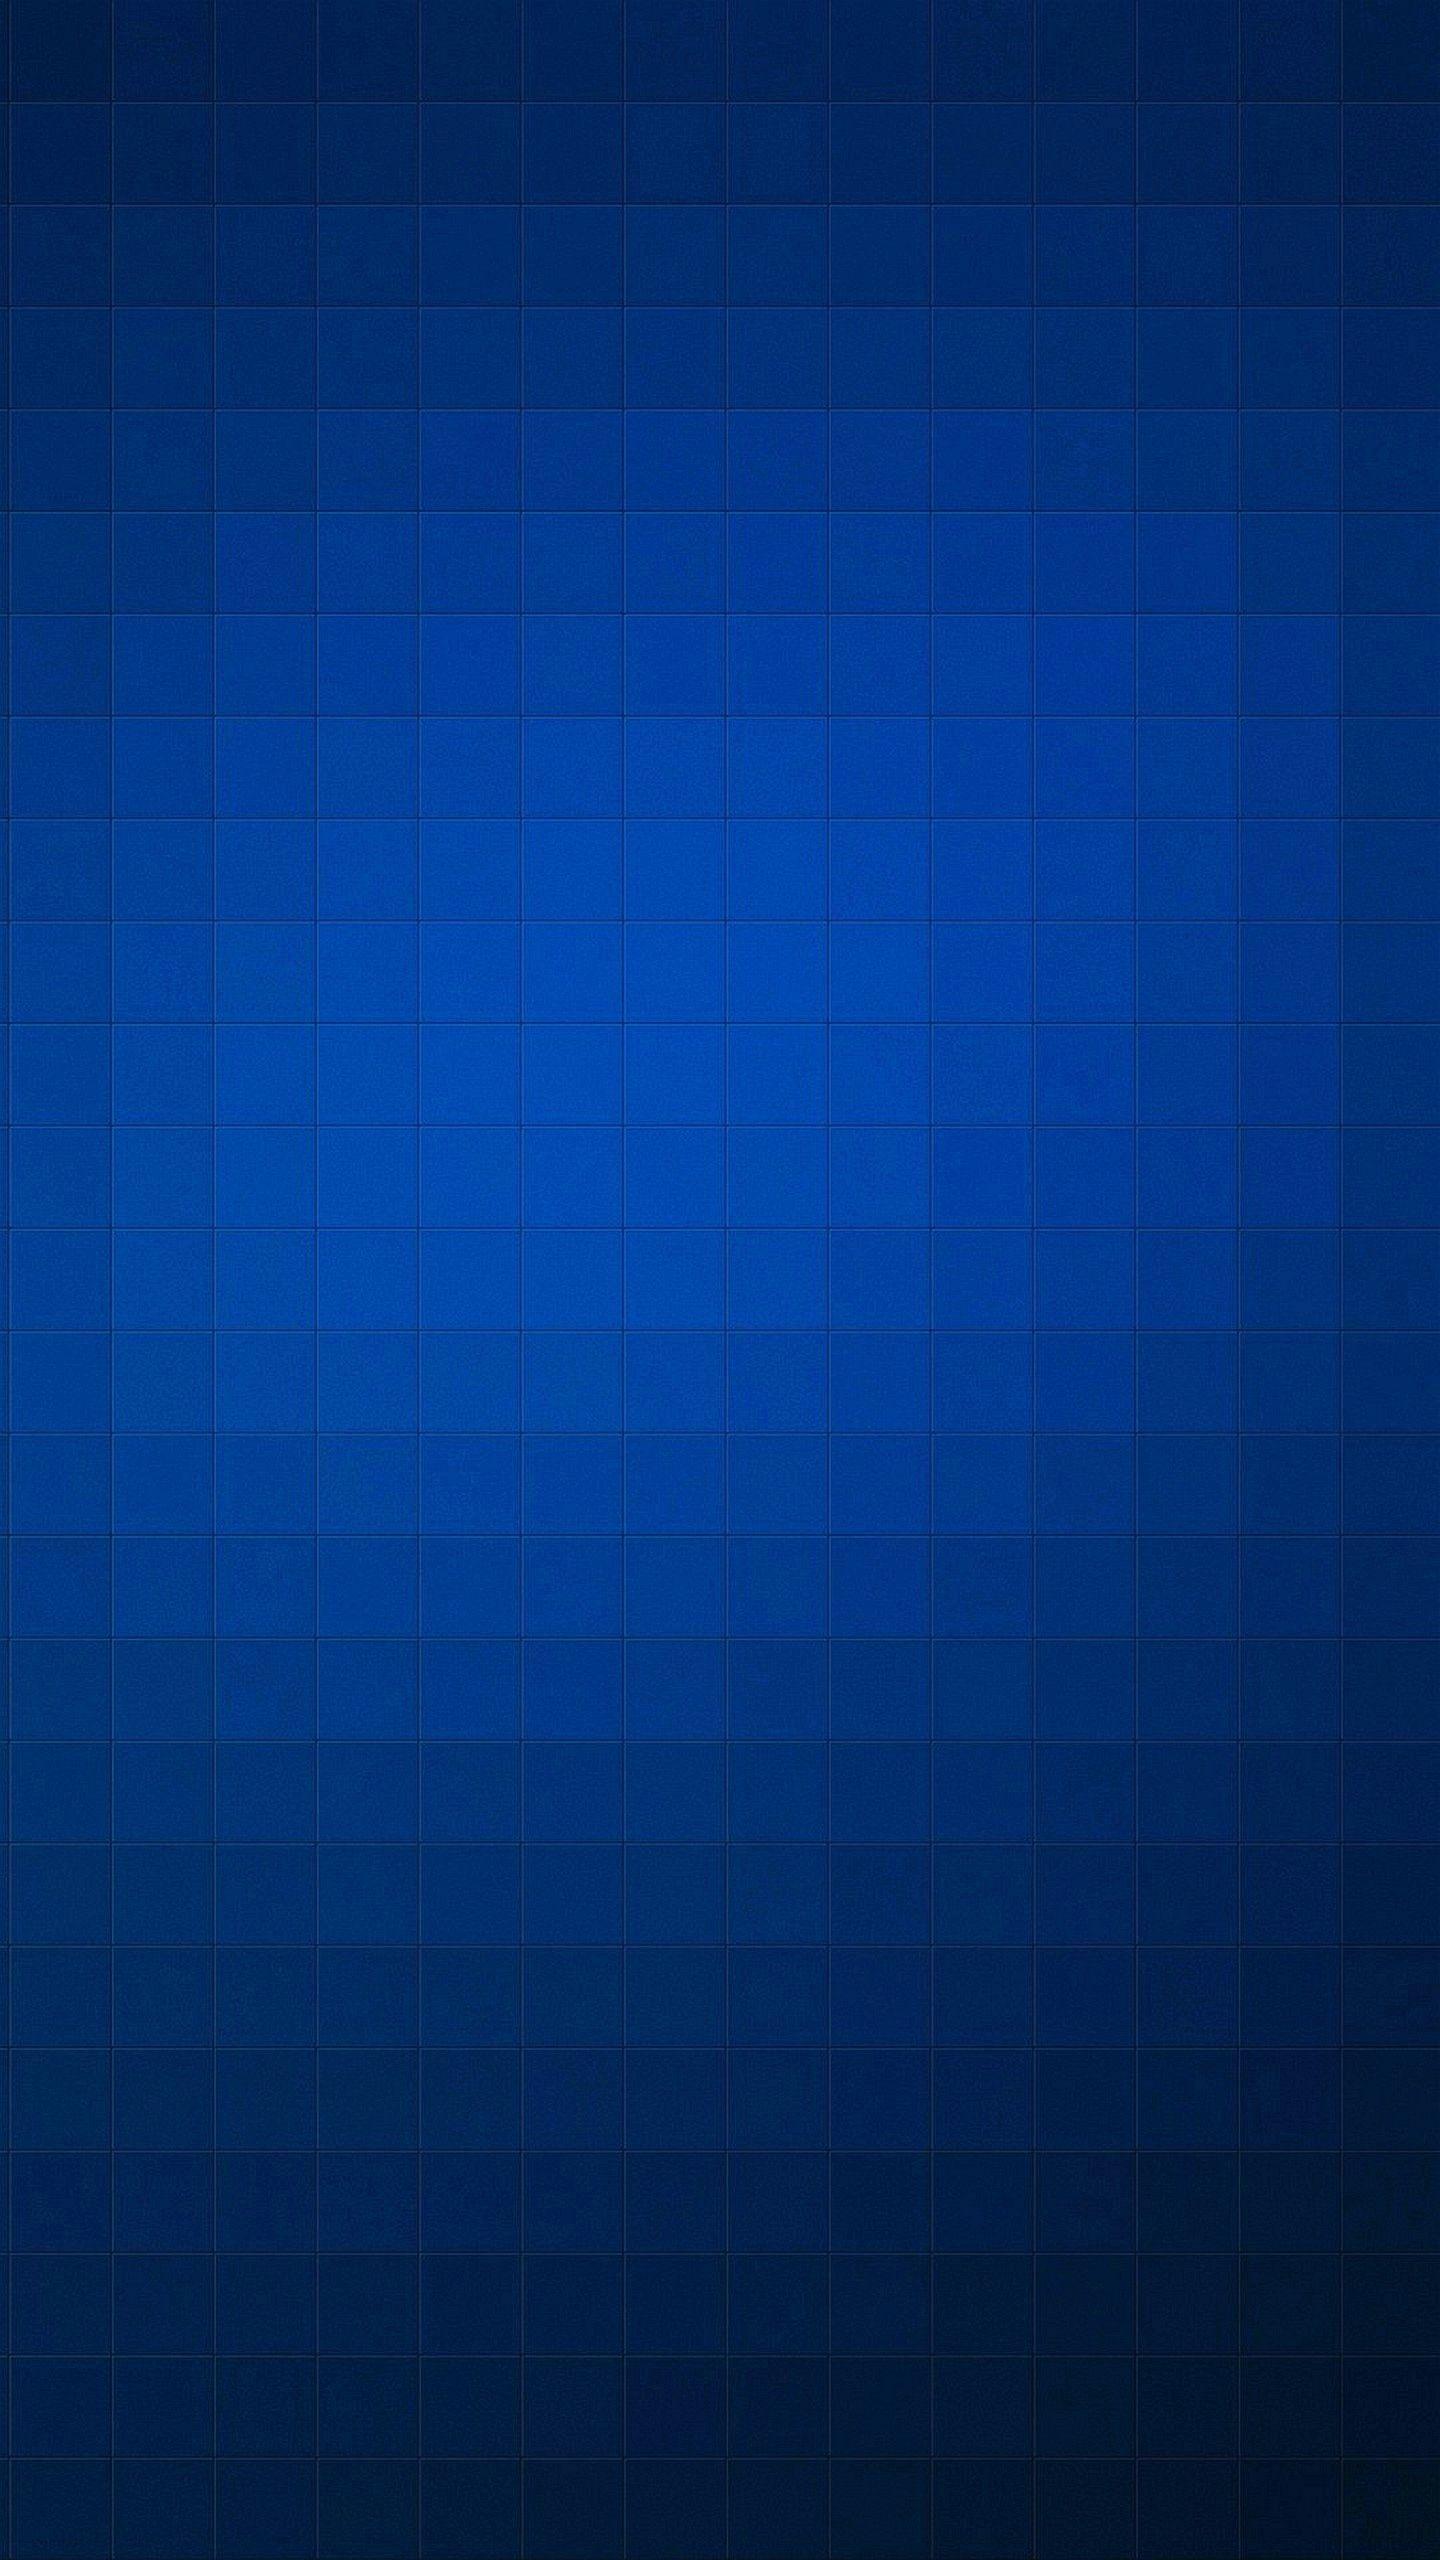 Wallpaper Lg G4 1440 X 2560 Qhd 54 - 1440 x 2560 - Lg G4 1440 2560 ...